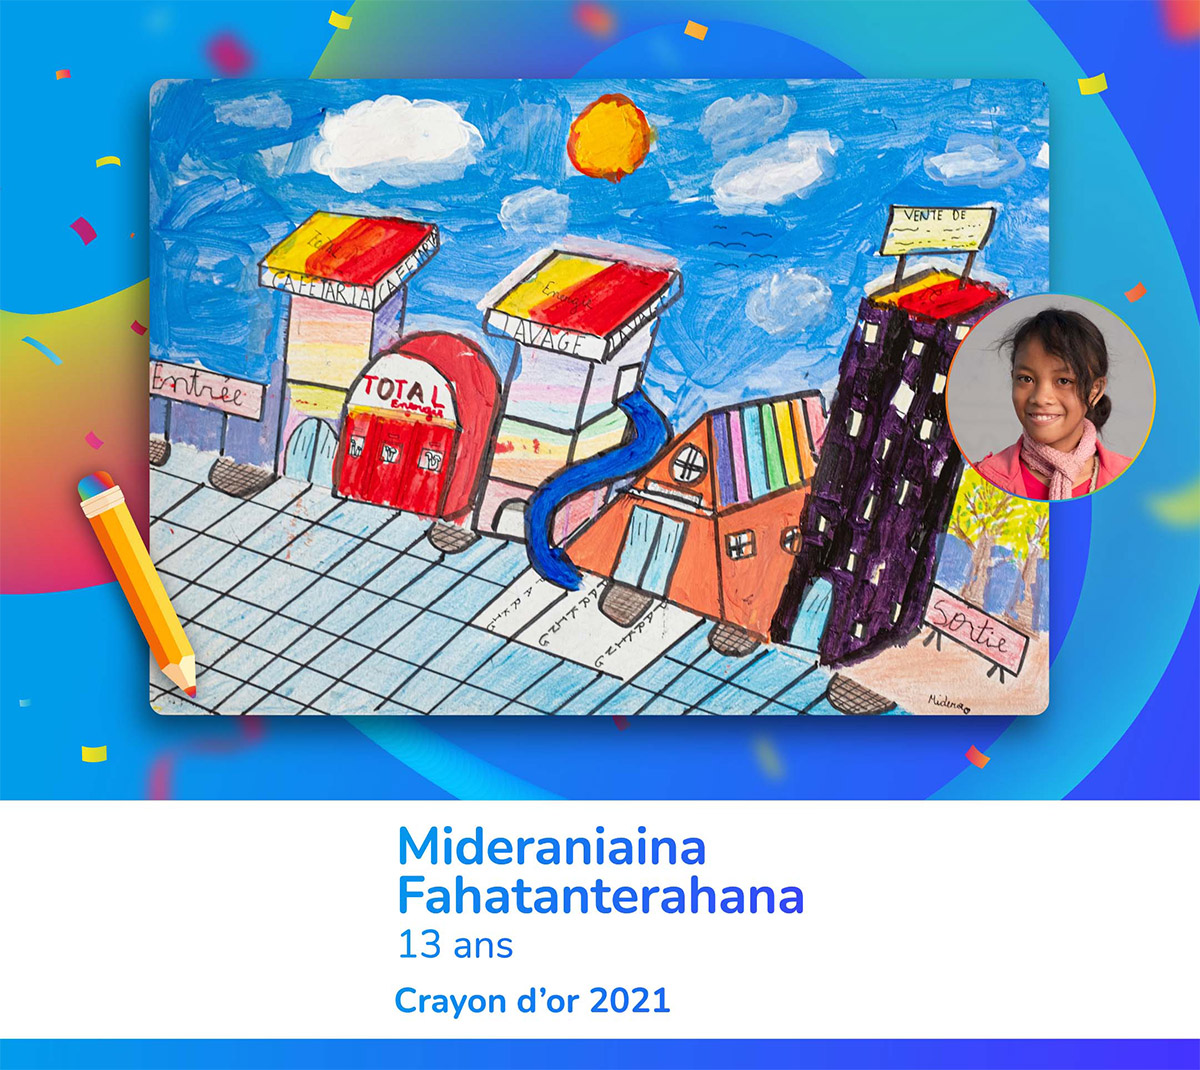 Mideraniaina